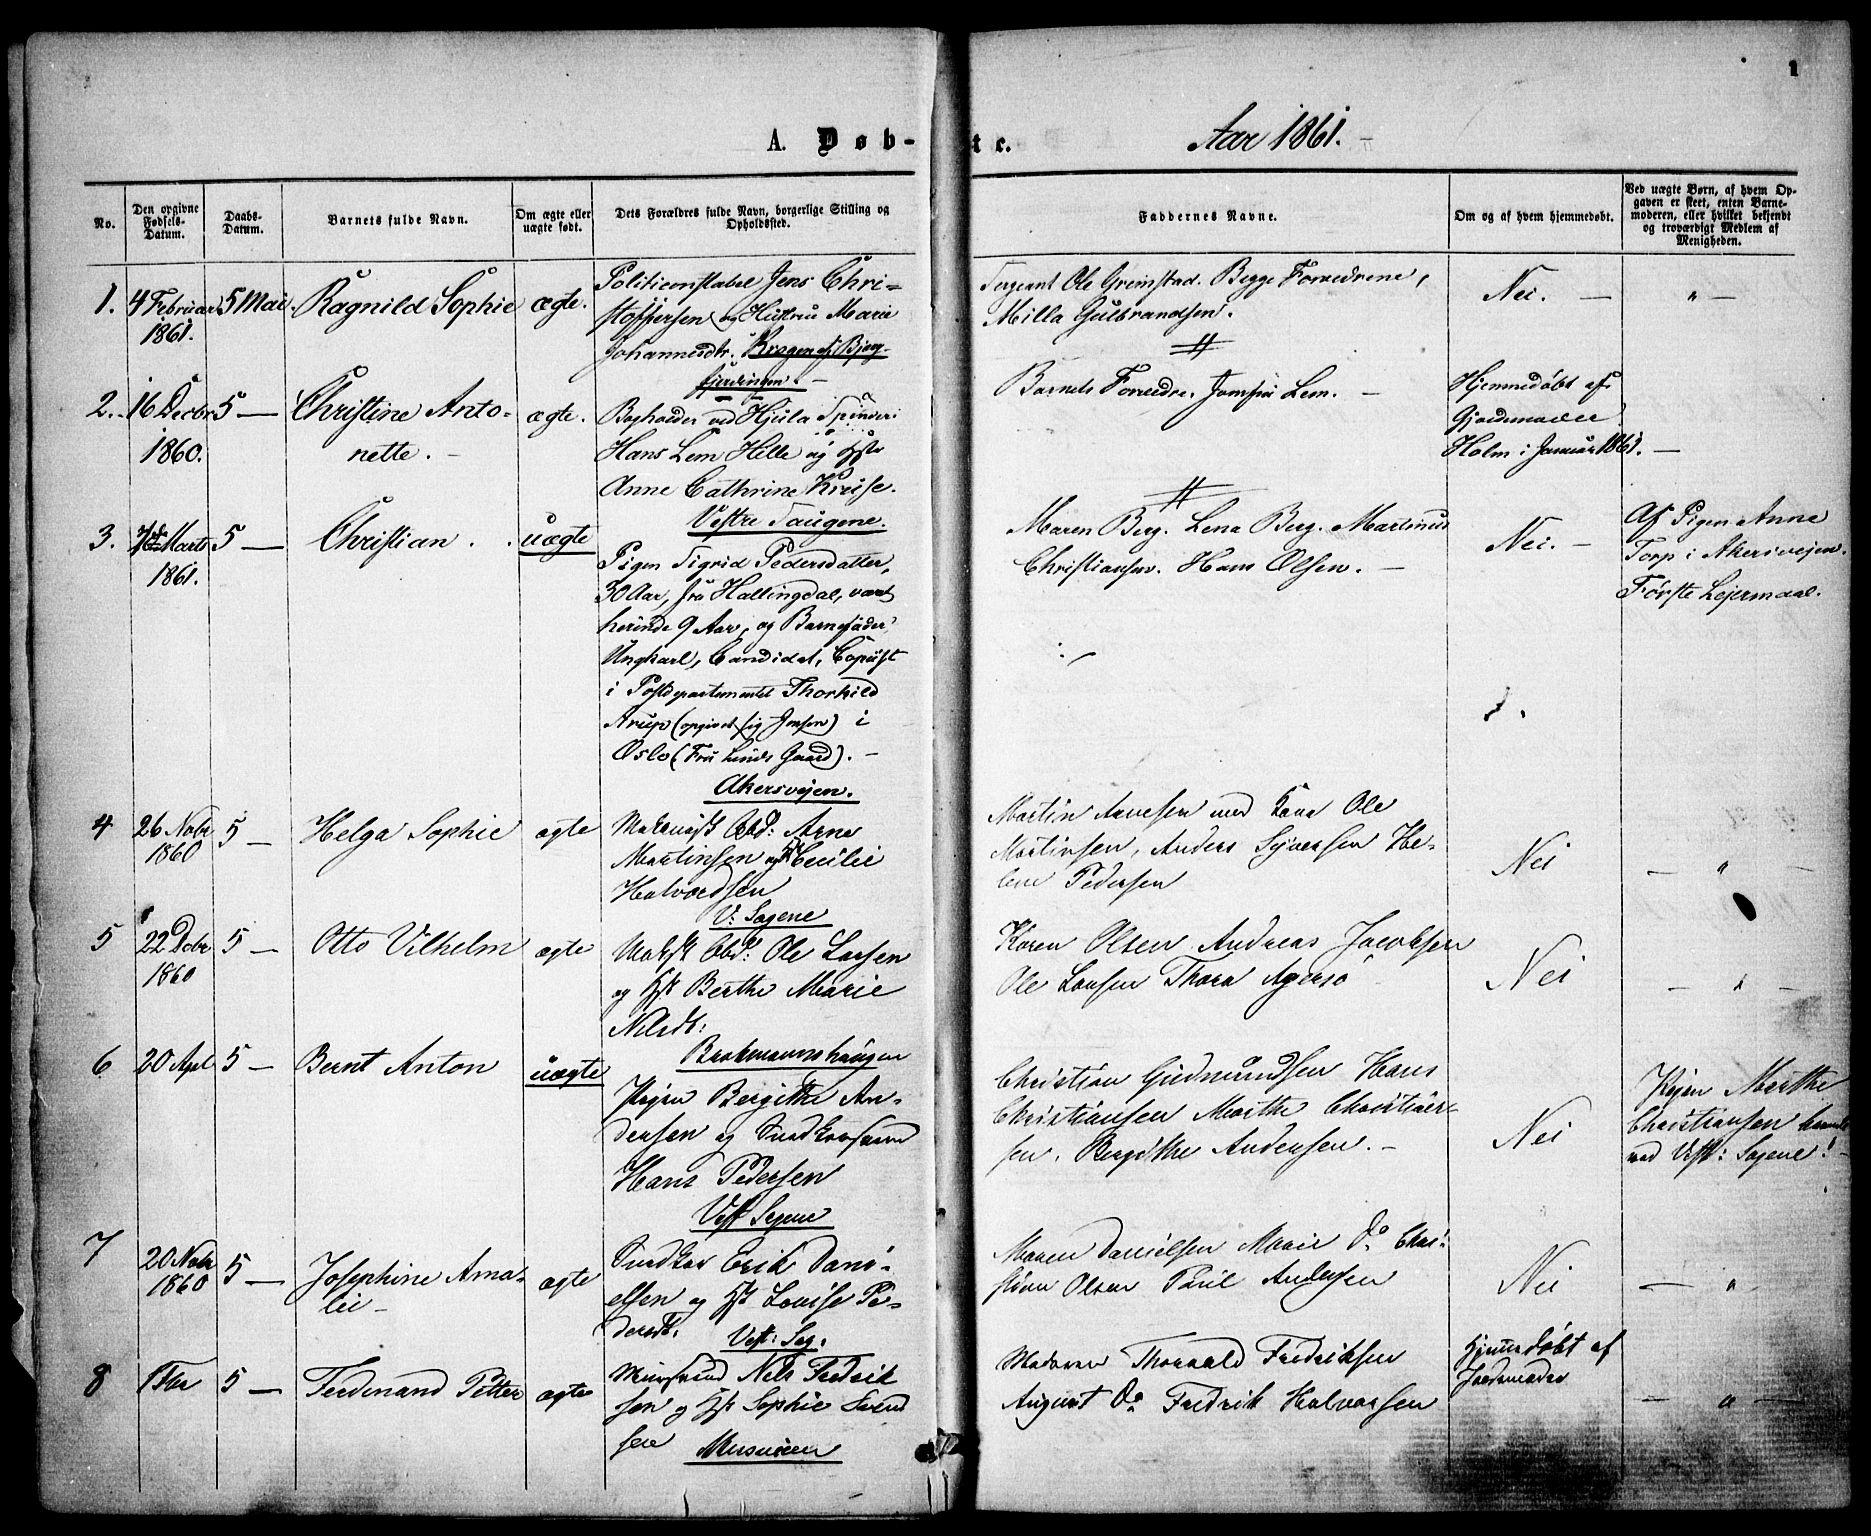 SAO, Gamle Aker prestekontor Kirkebøker, F/L0001: Ministerialbok nr. 1, 1861-1865, s. 1